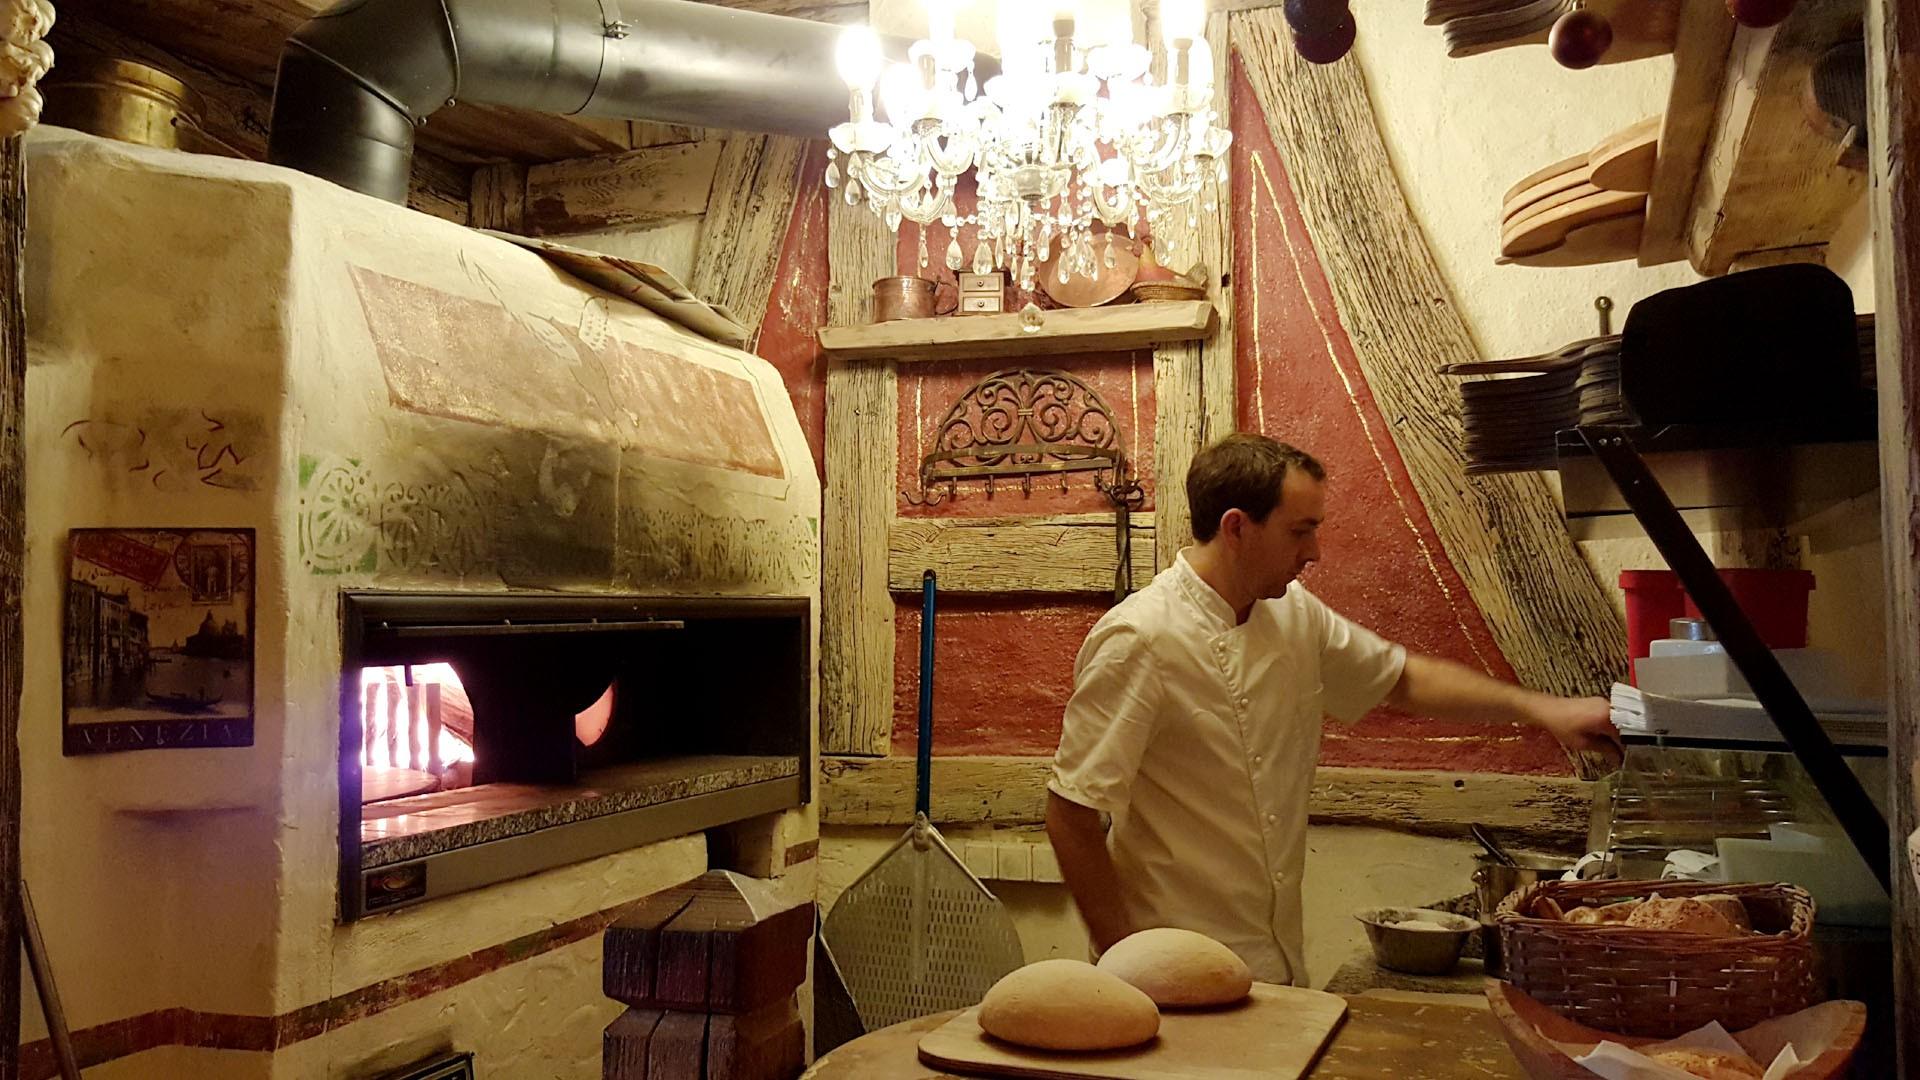 Der einzige Holzofen in Konstanz KN - Pizzeria - Pizza-Restaurant Roter Gugelhan